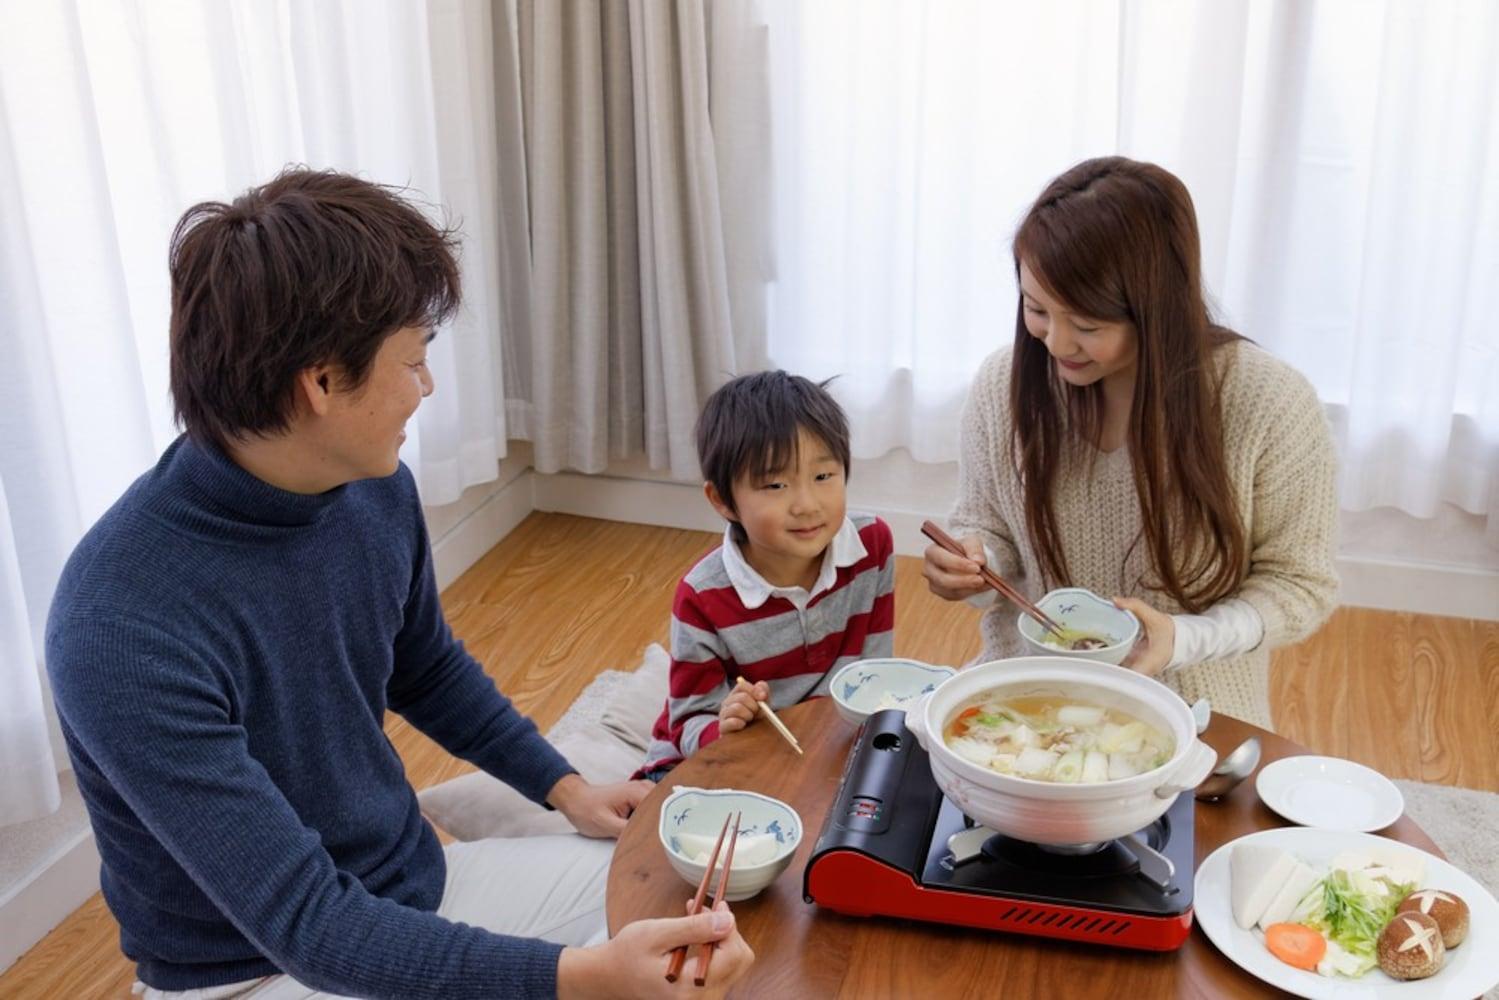 形状|子供のいる家庭では具材を取り出しやすい「浅型」を